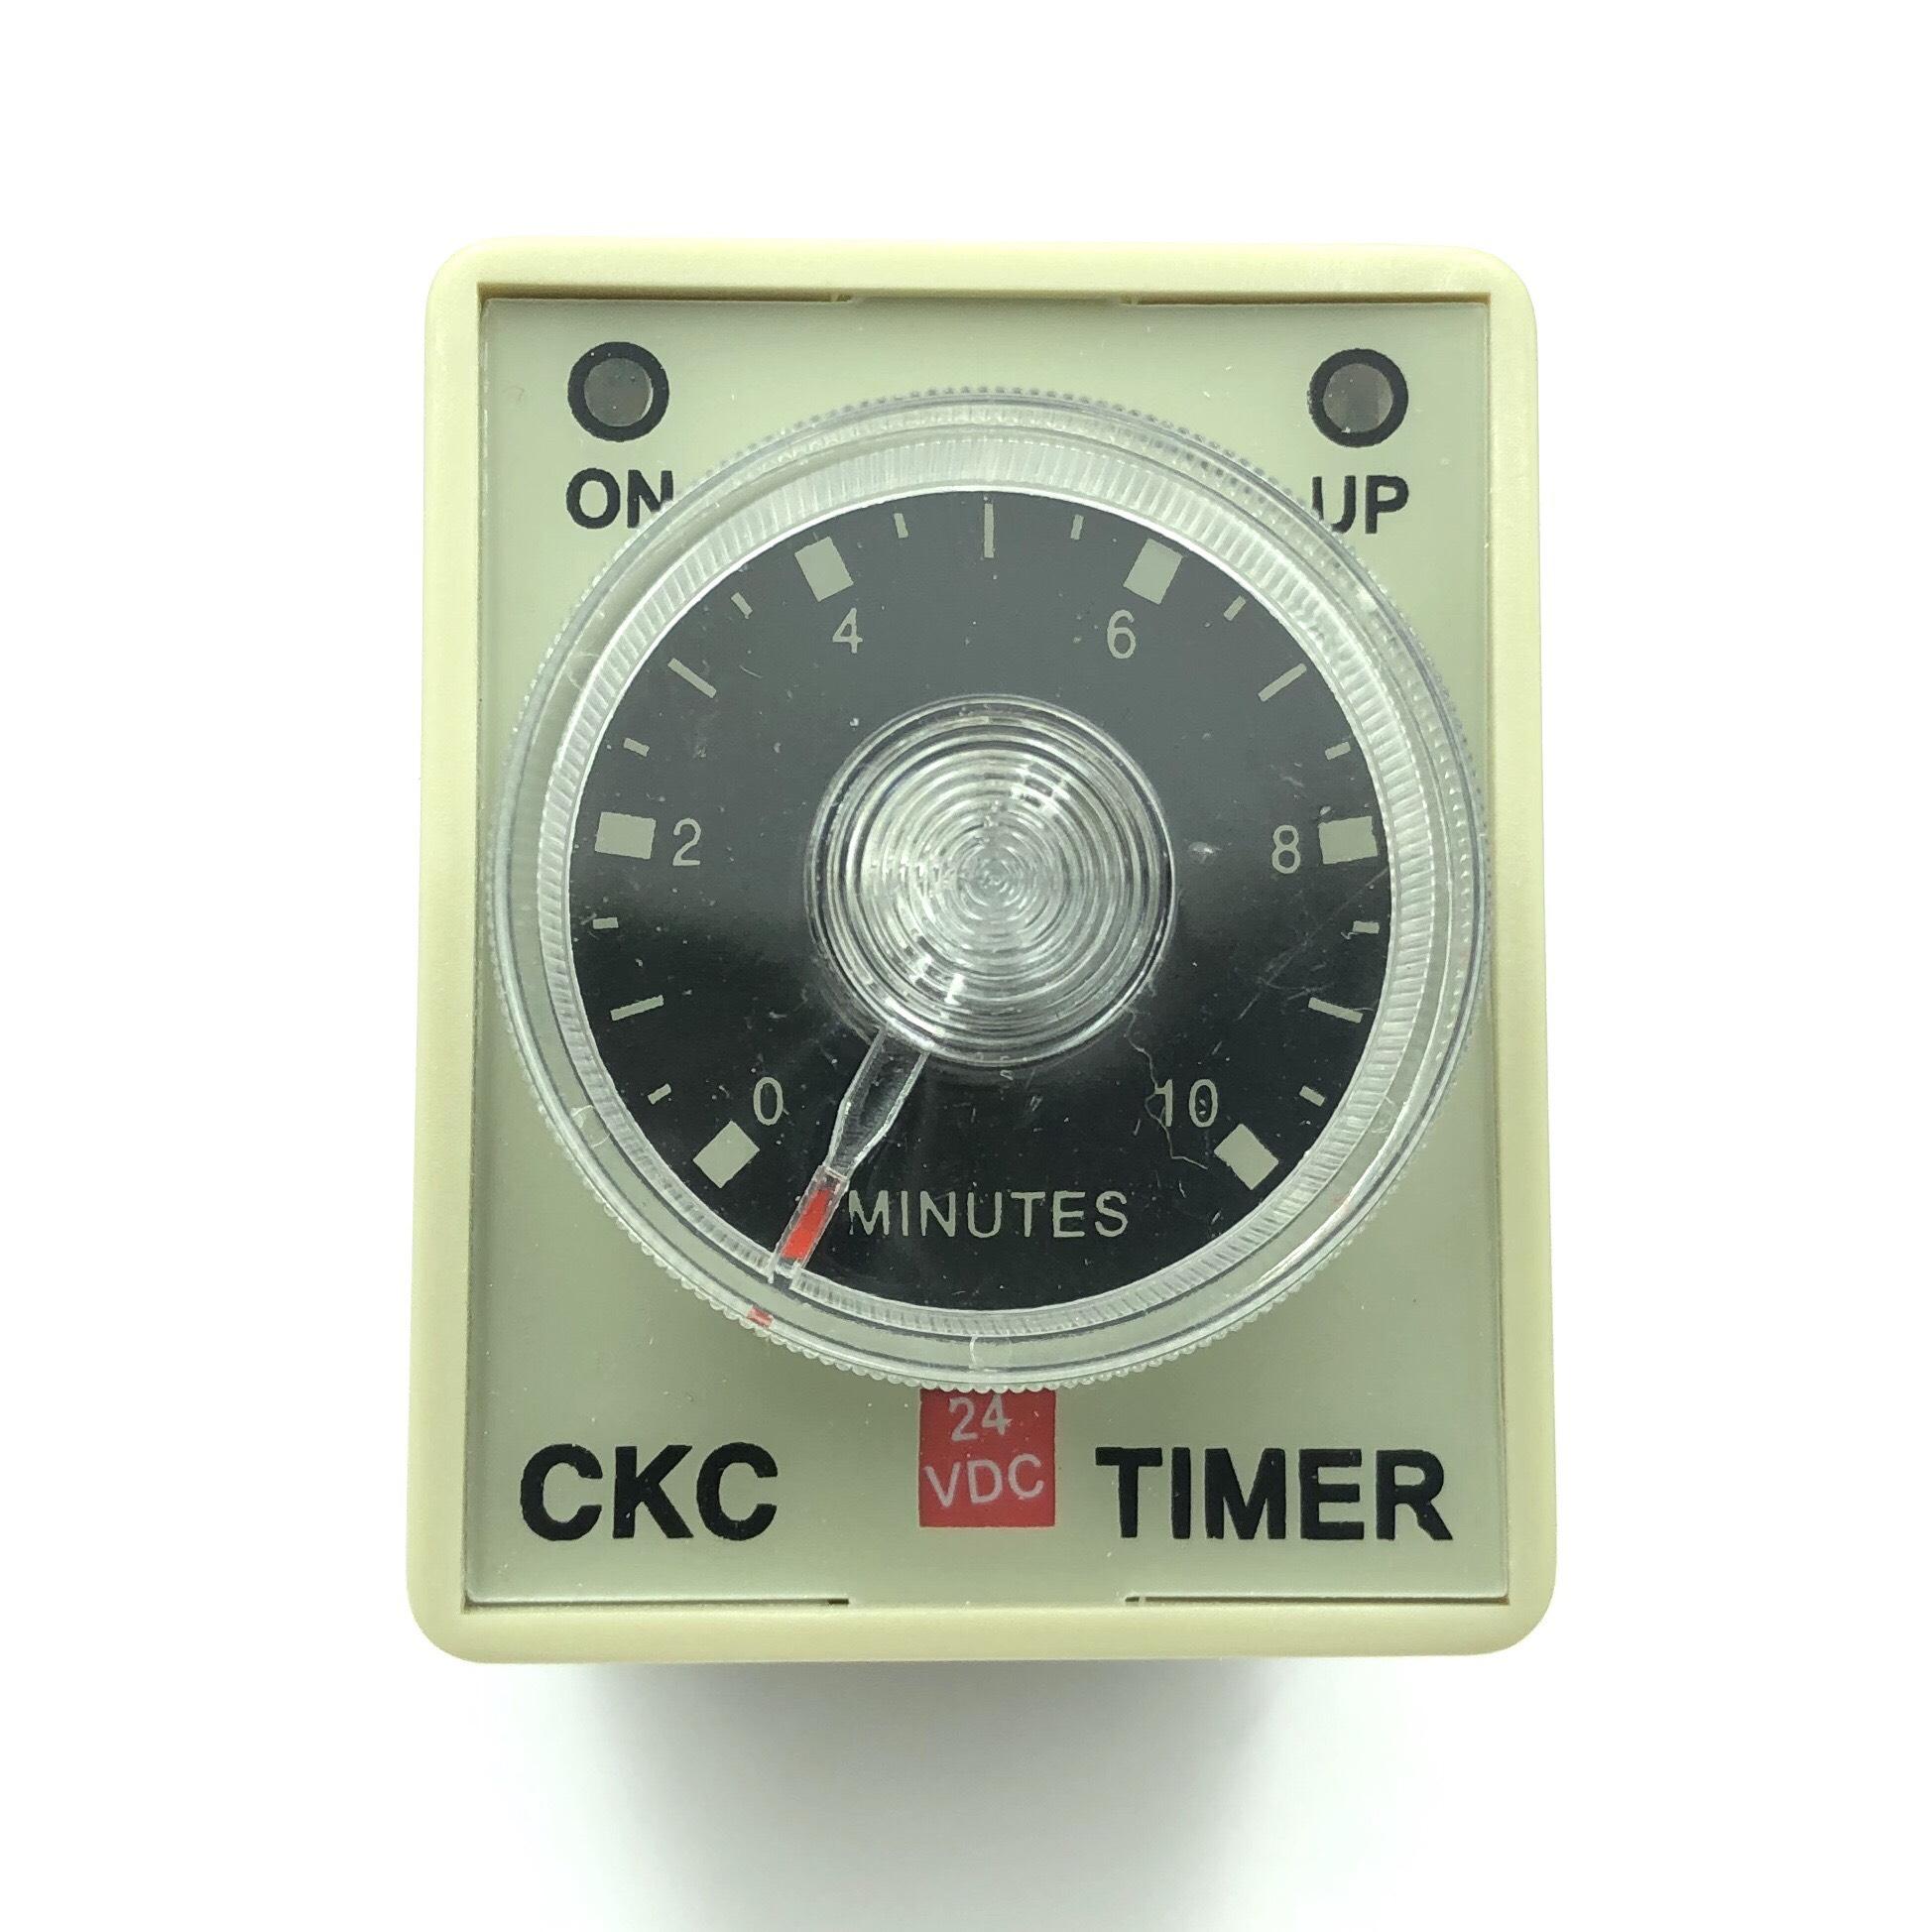 Relay thời gian CKC AH3-3 / 24VDC 10 phút - I9H23